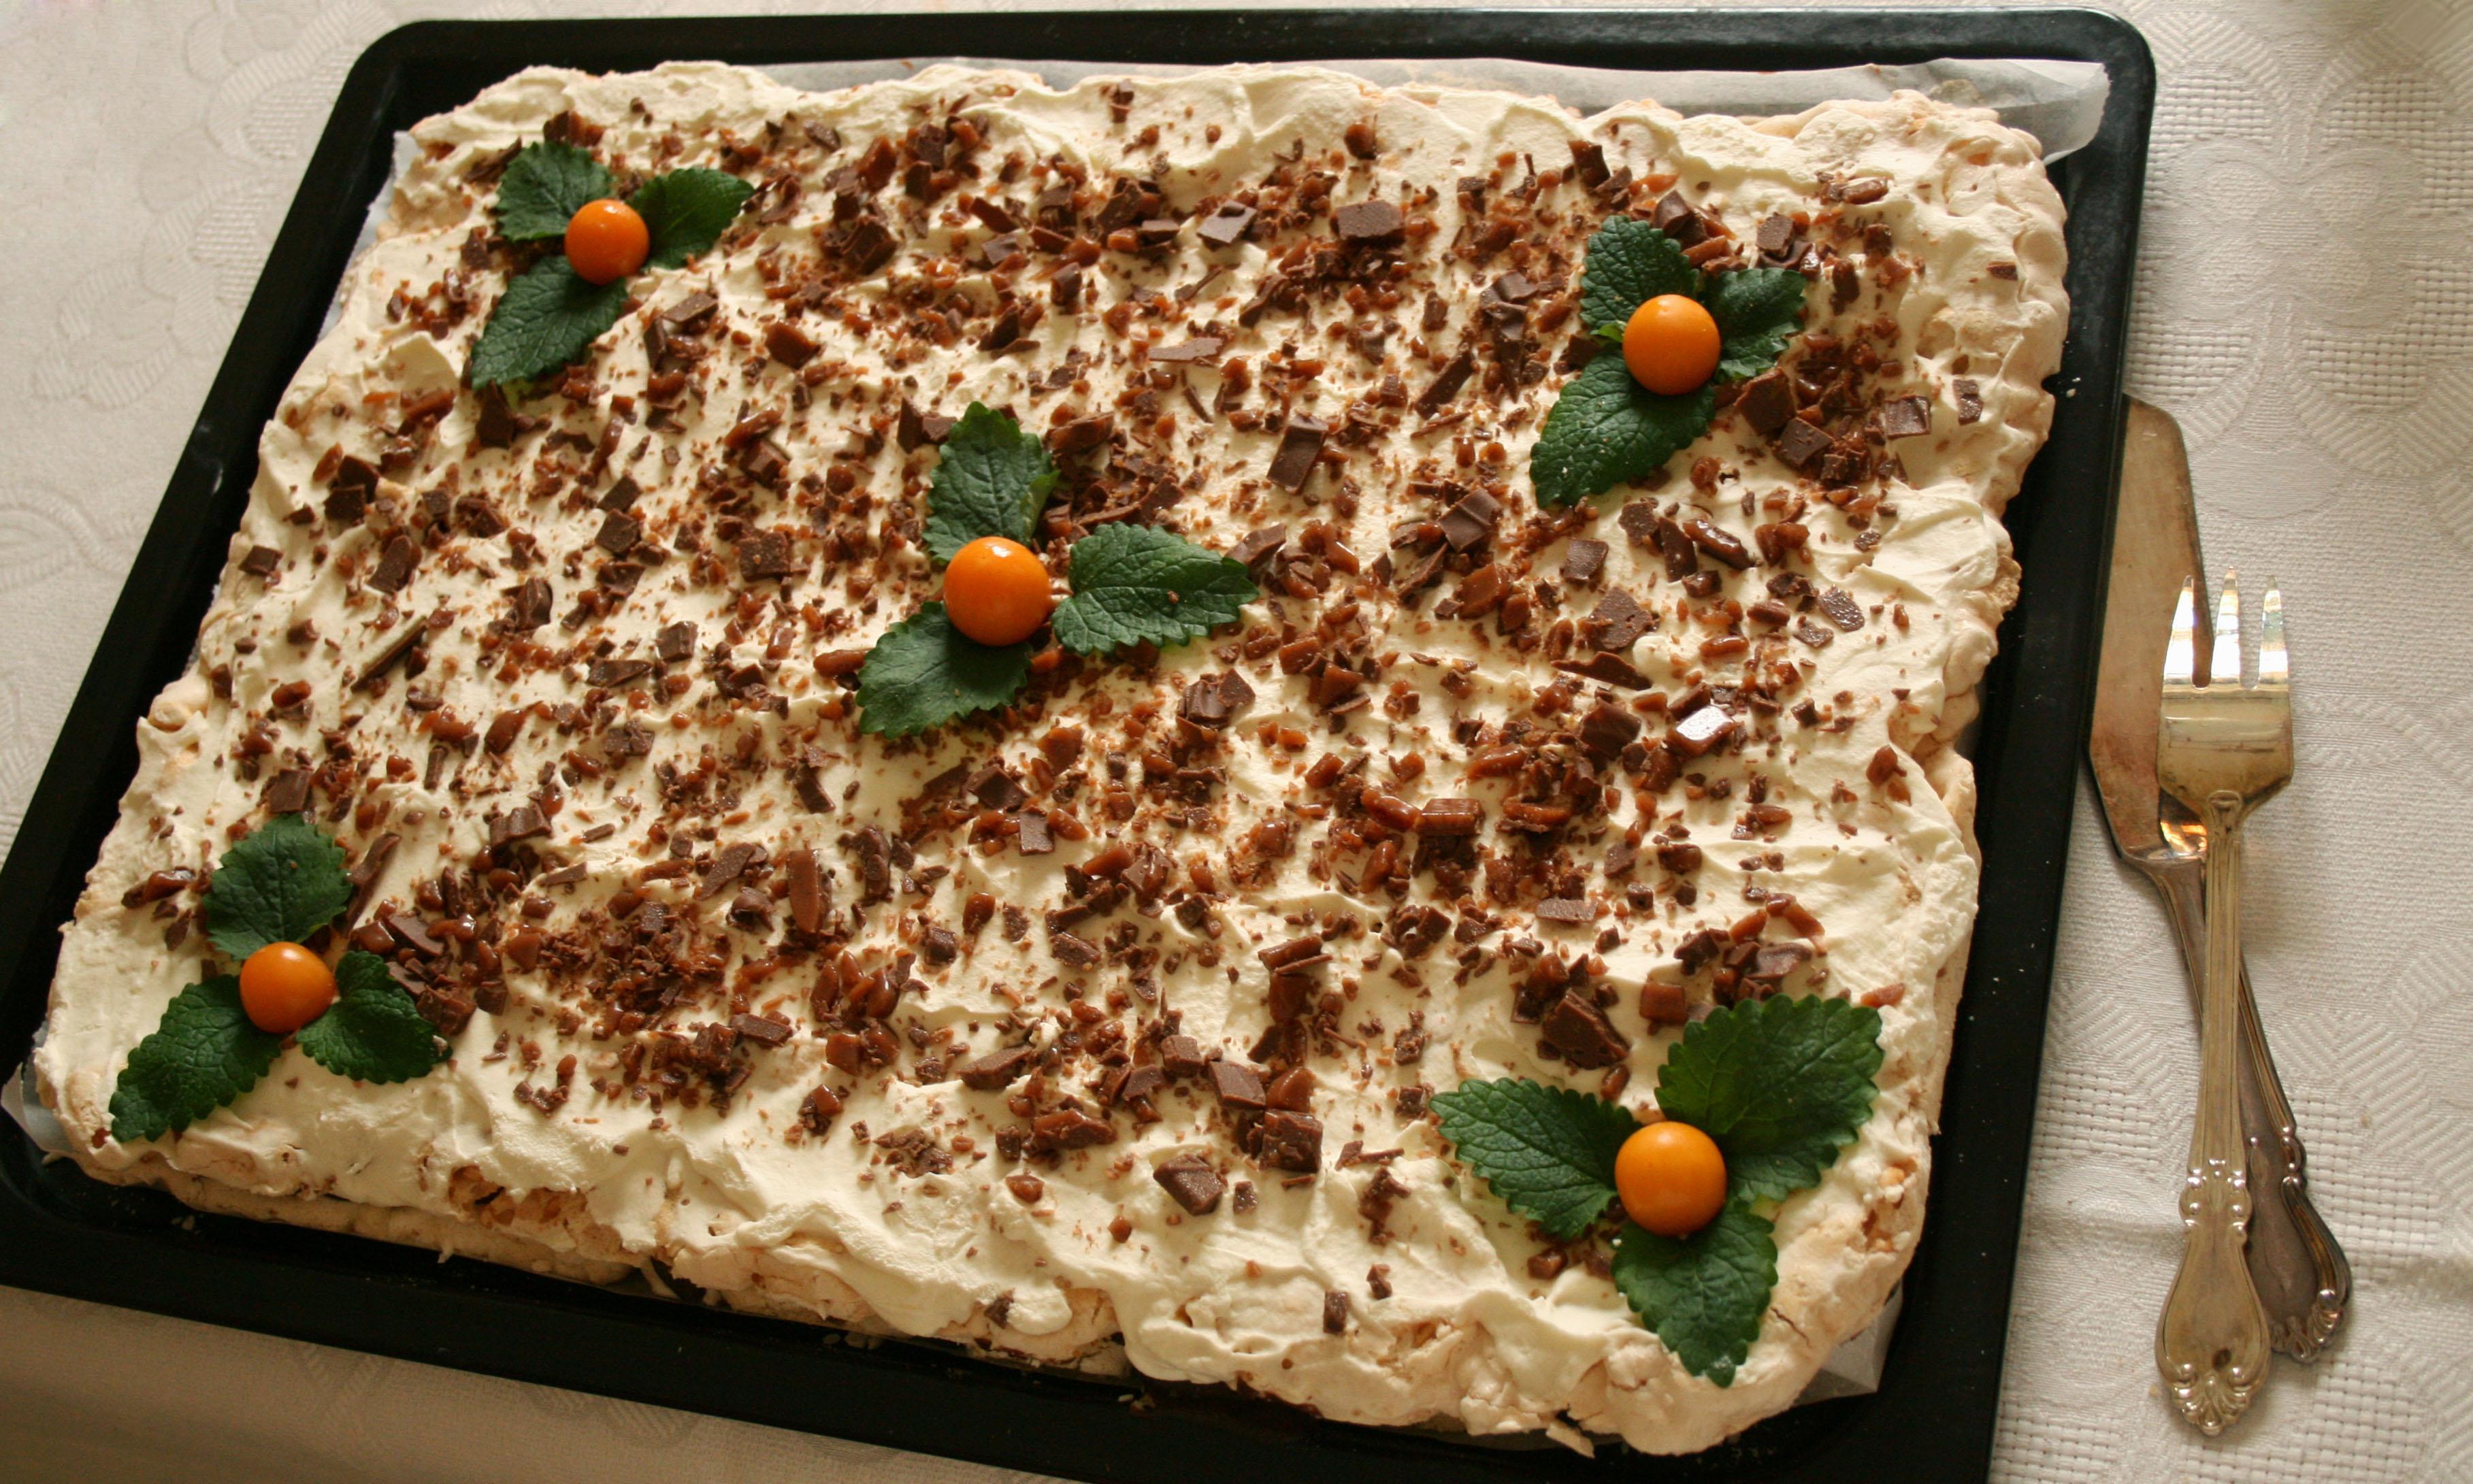 Hovets tårta (maräng, choklad och daim)